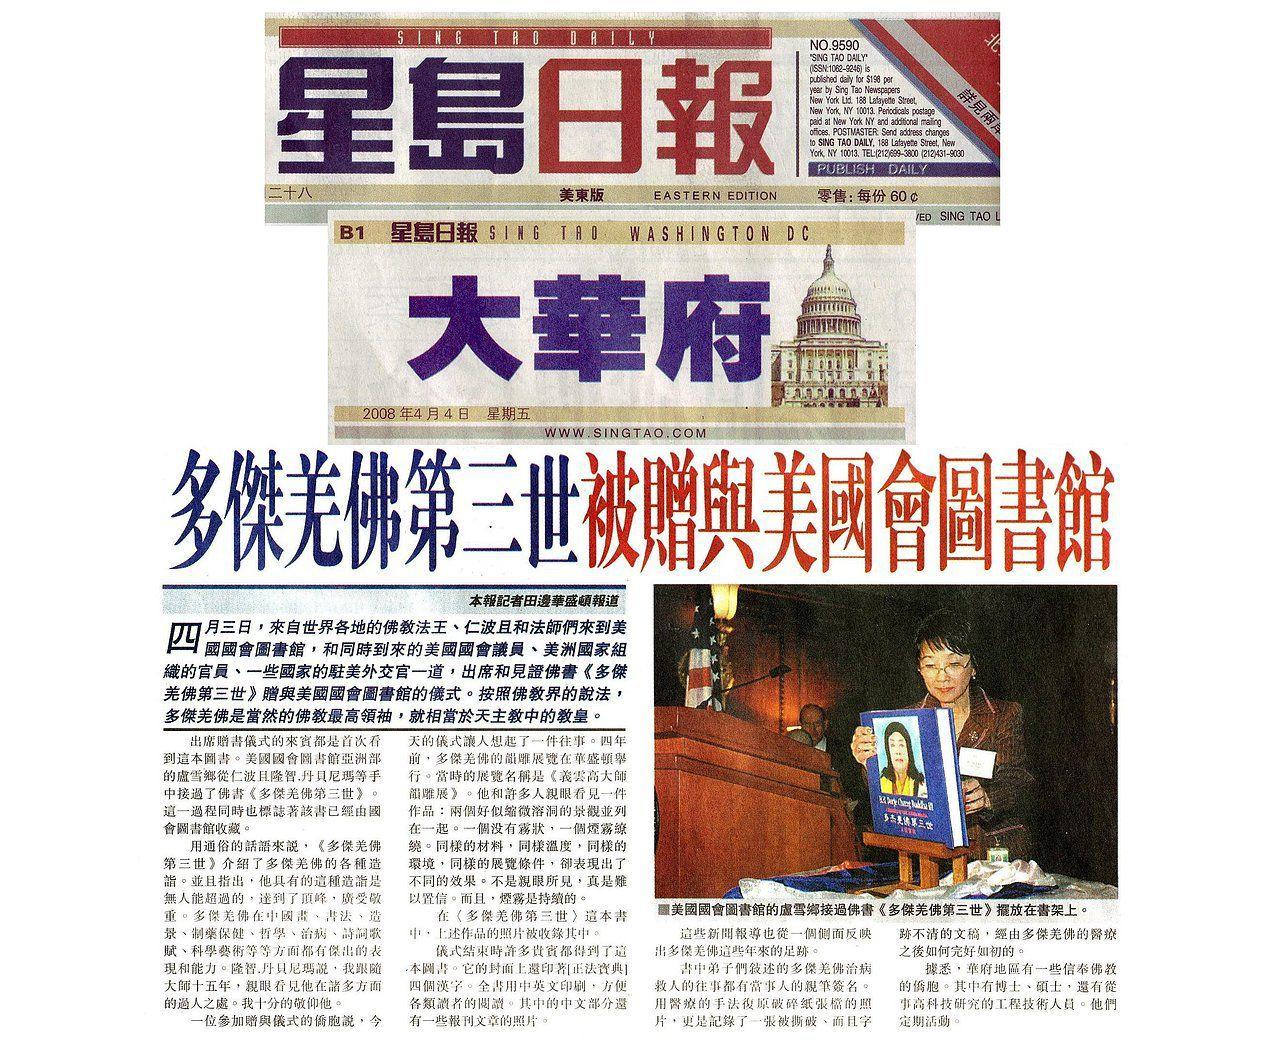 寶書《多杰羌佛第三世》贈予美國國會圖書館相關新聞報導